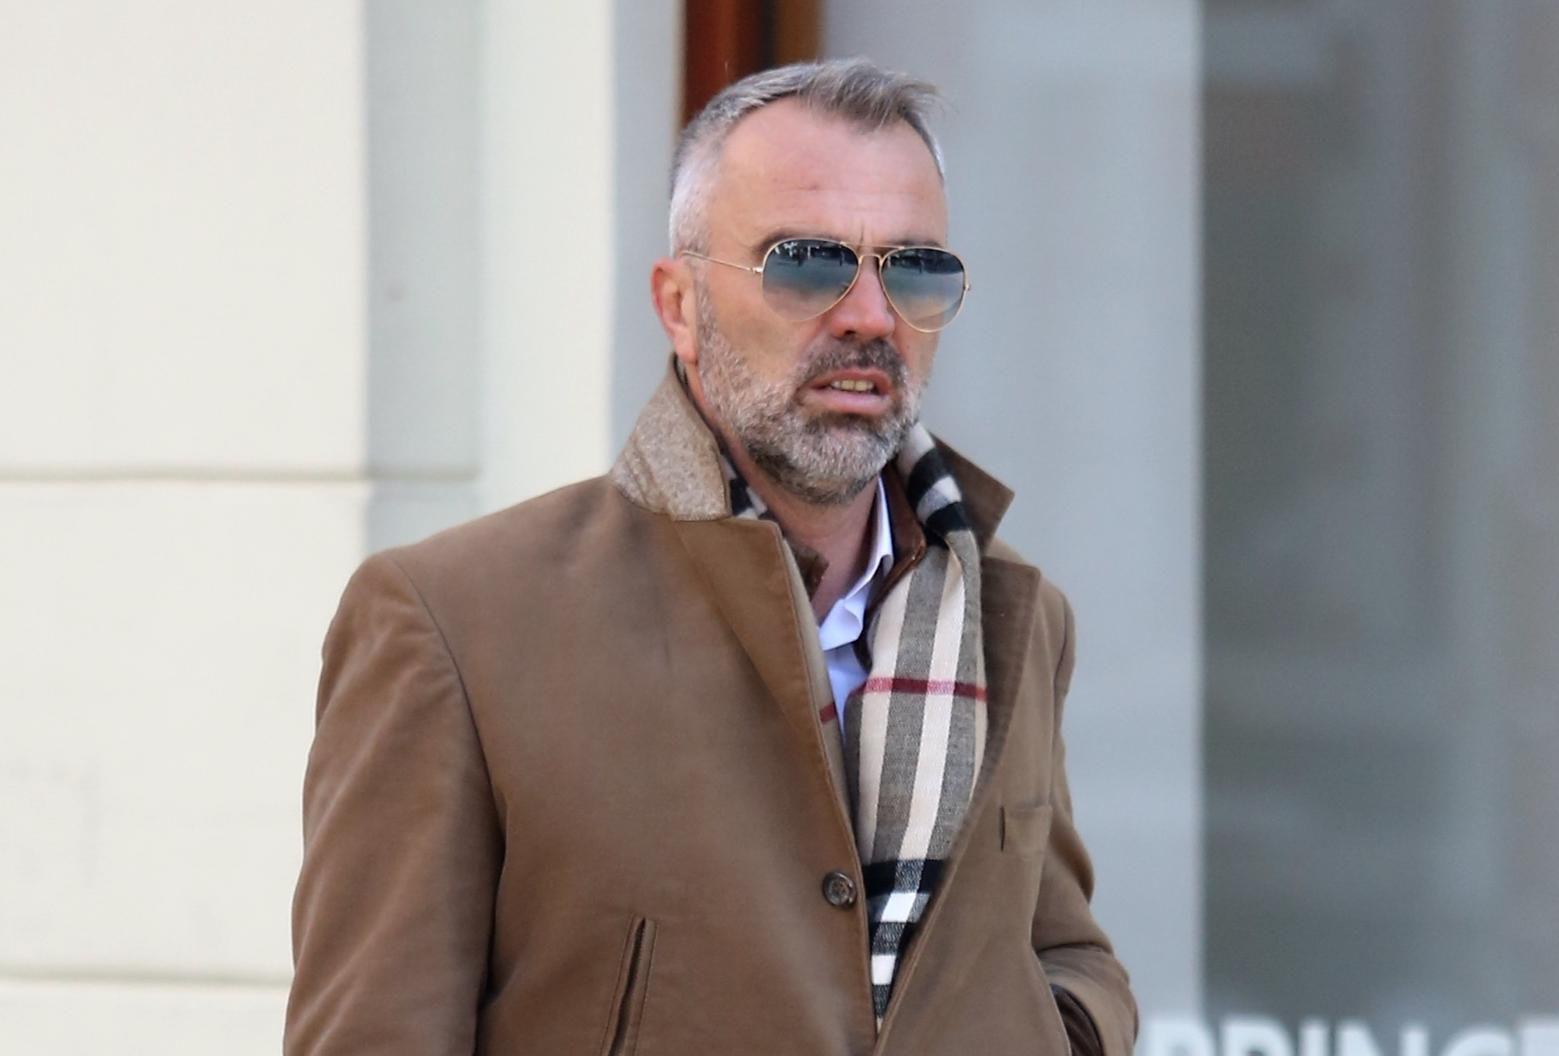 Ovaj muškarac nosi traperice oko kojih se vode vječne polemike - kako mu stoje?